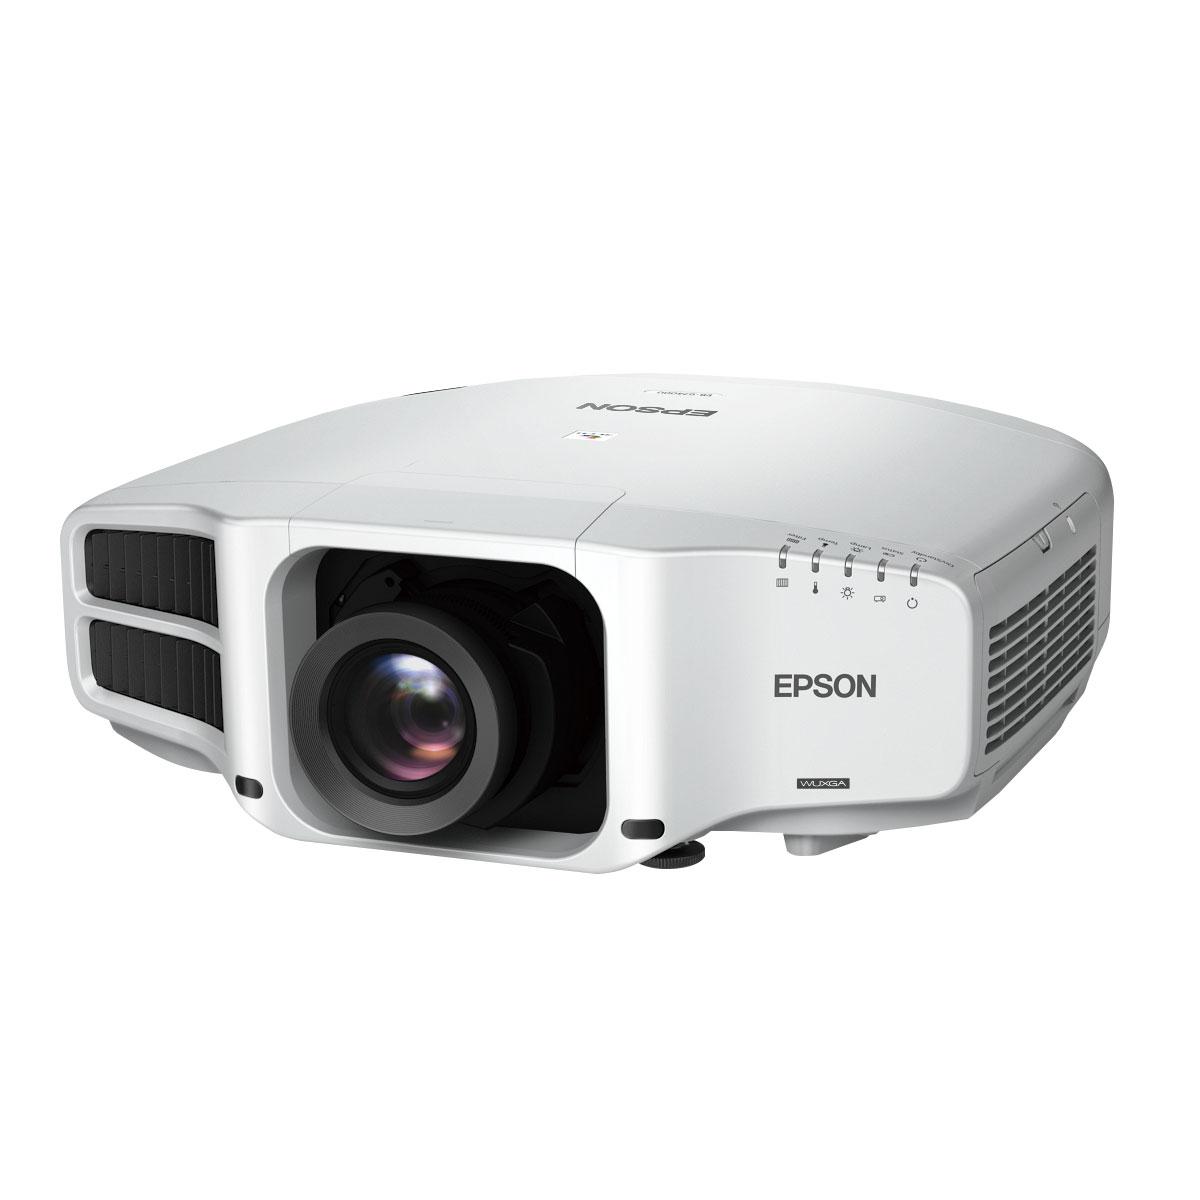 Epson eb g7400u vid oprojecteur epson sur - Support plafond videoprojecteur epson ...